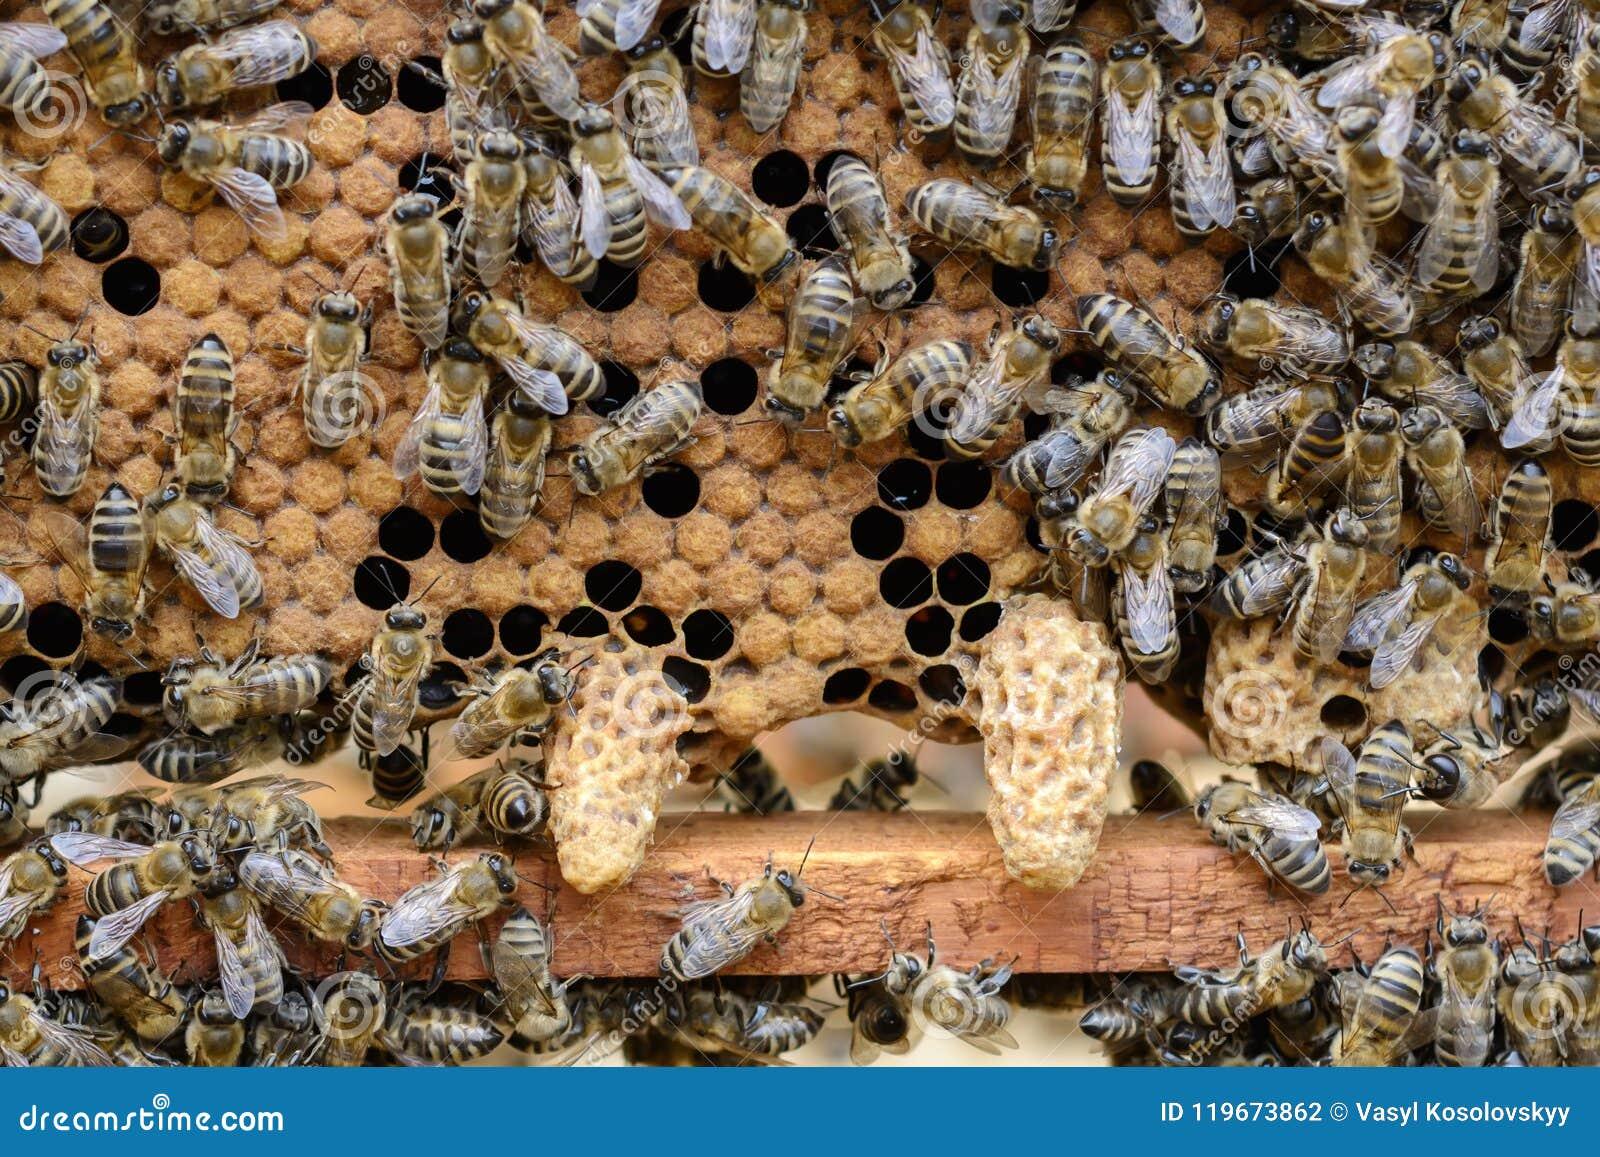 Пчелы обращают внимание превращаясь личинка пчелы ферзя